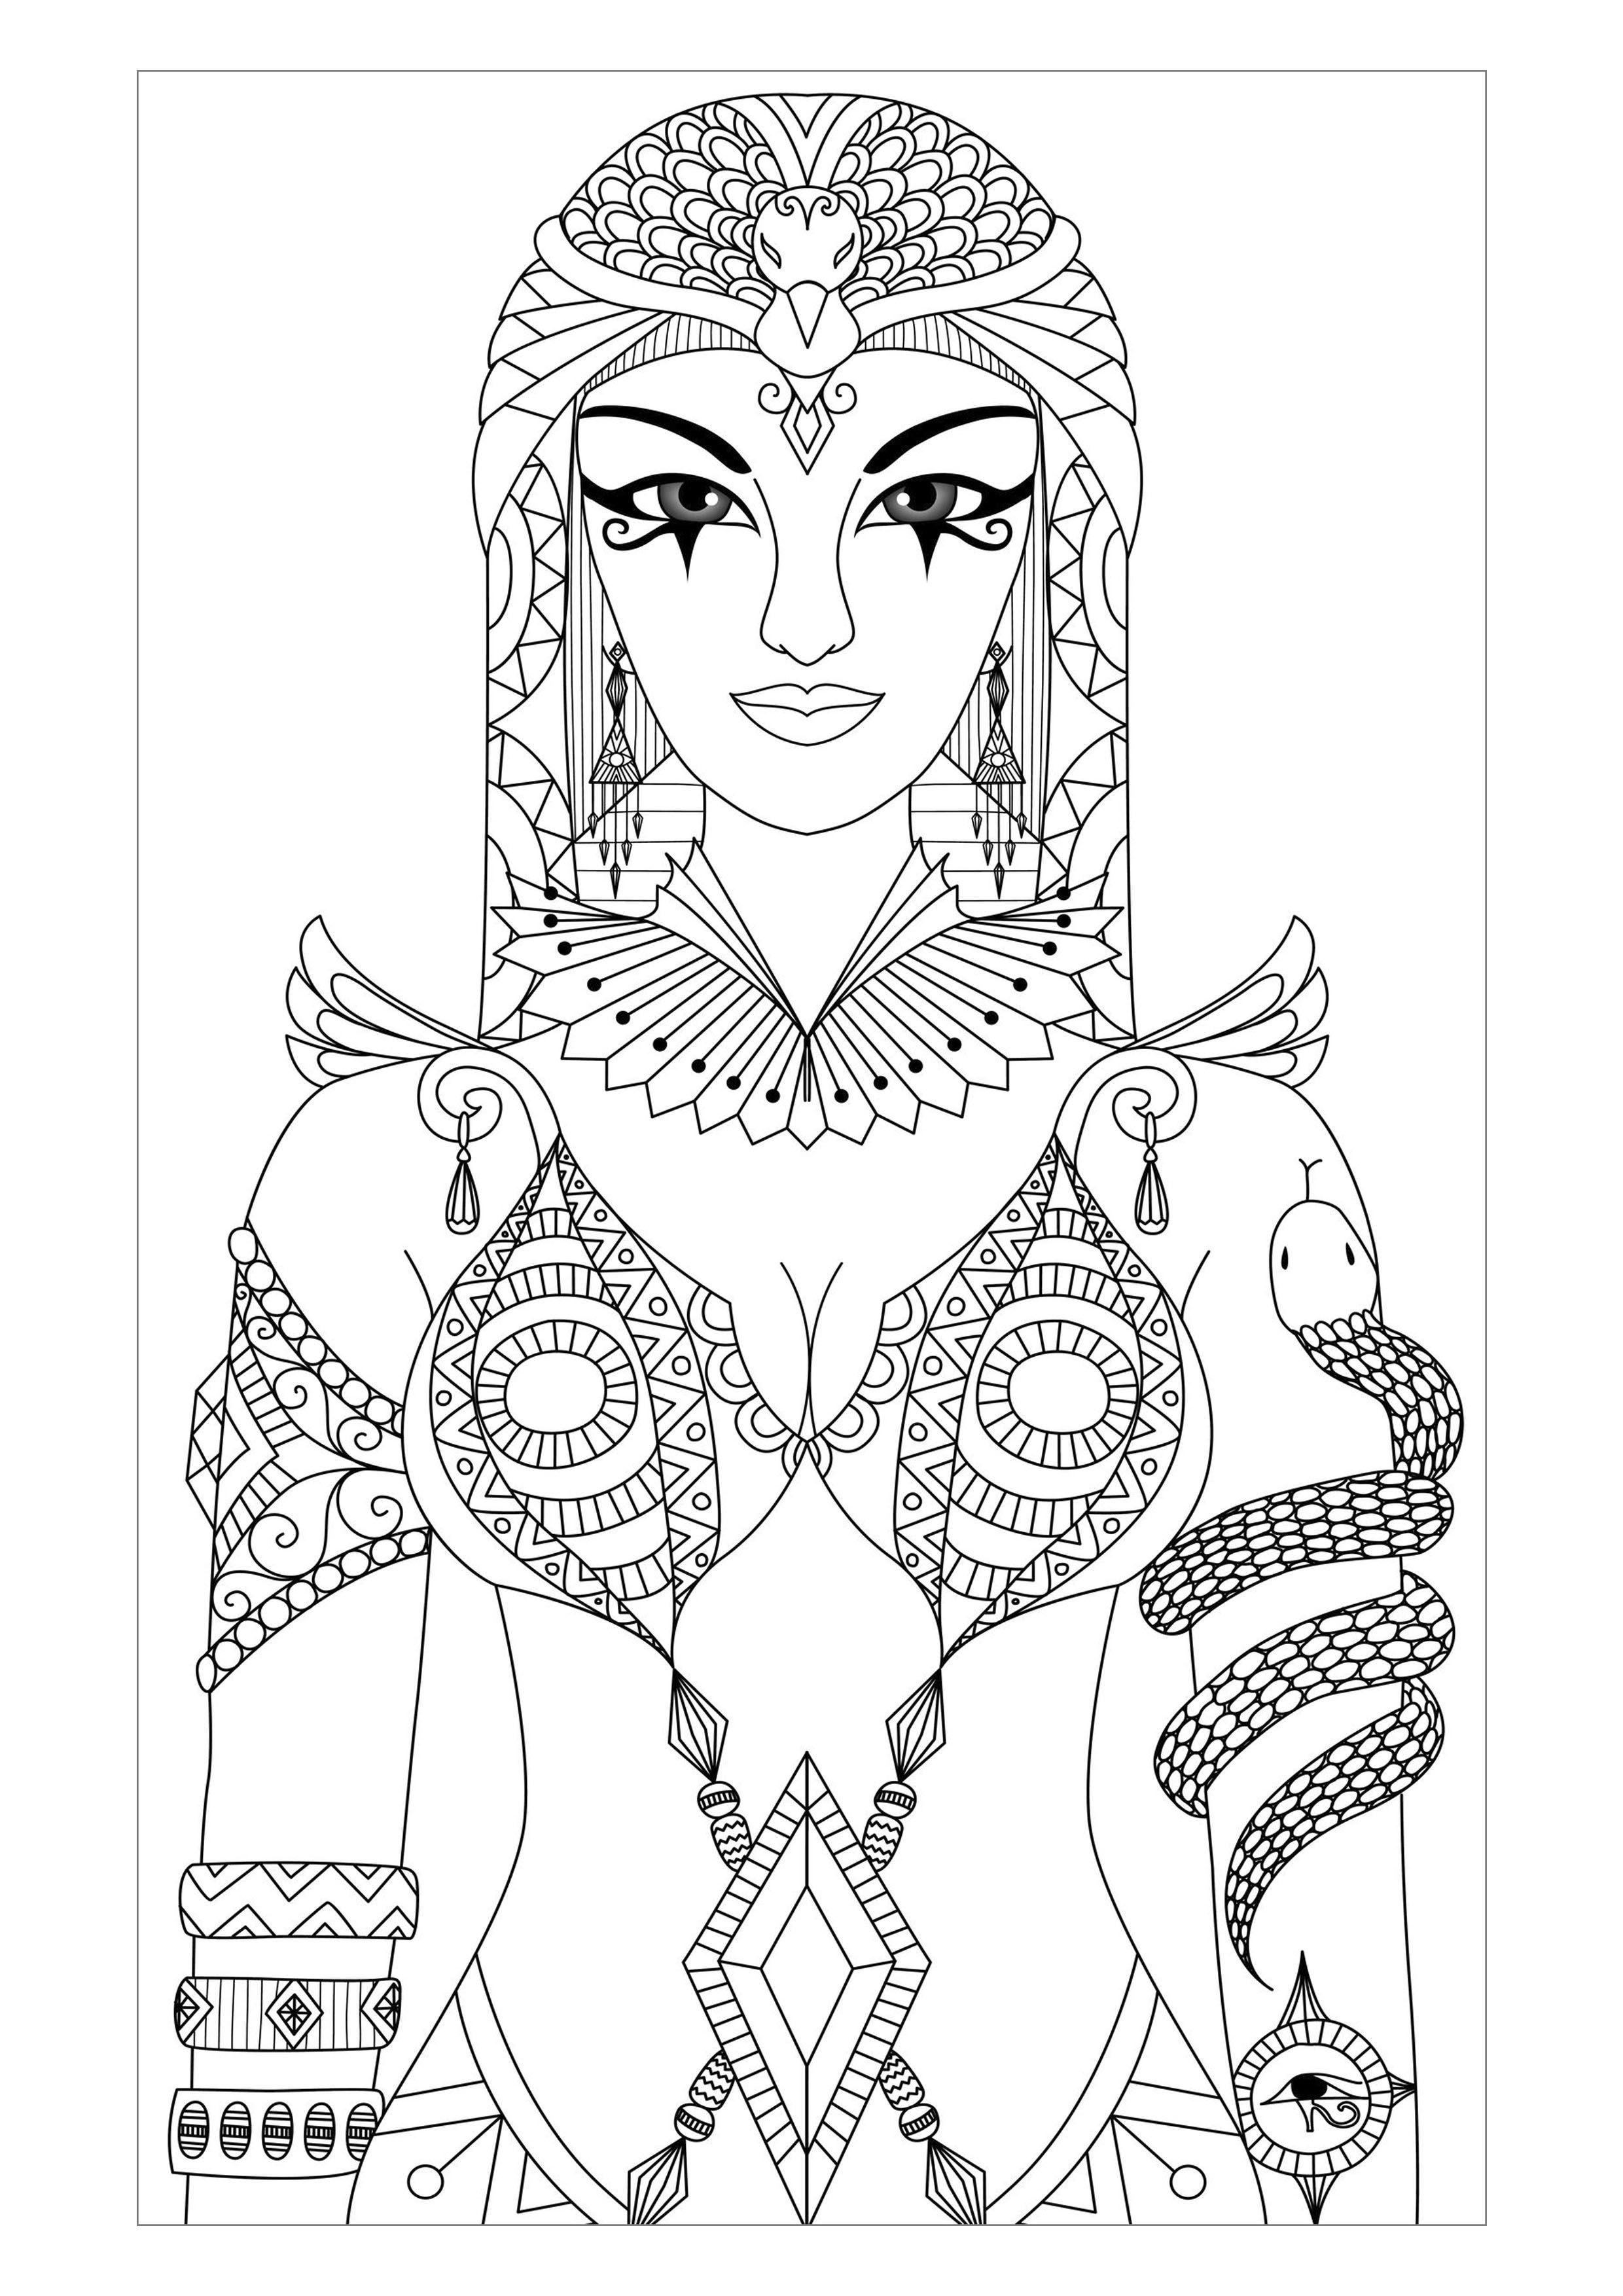 Galerie de coloriages gratuits coloriage adulte egypte cleopatre par bimdeedee Magnifique dessin de Cléop¢tre reine d égypte antique par Bimdeedee